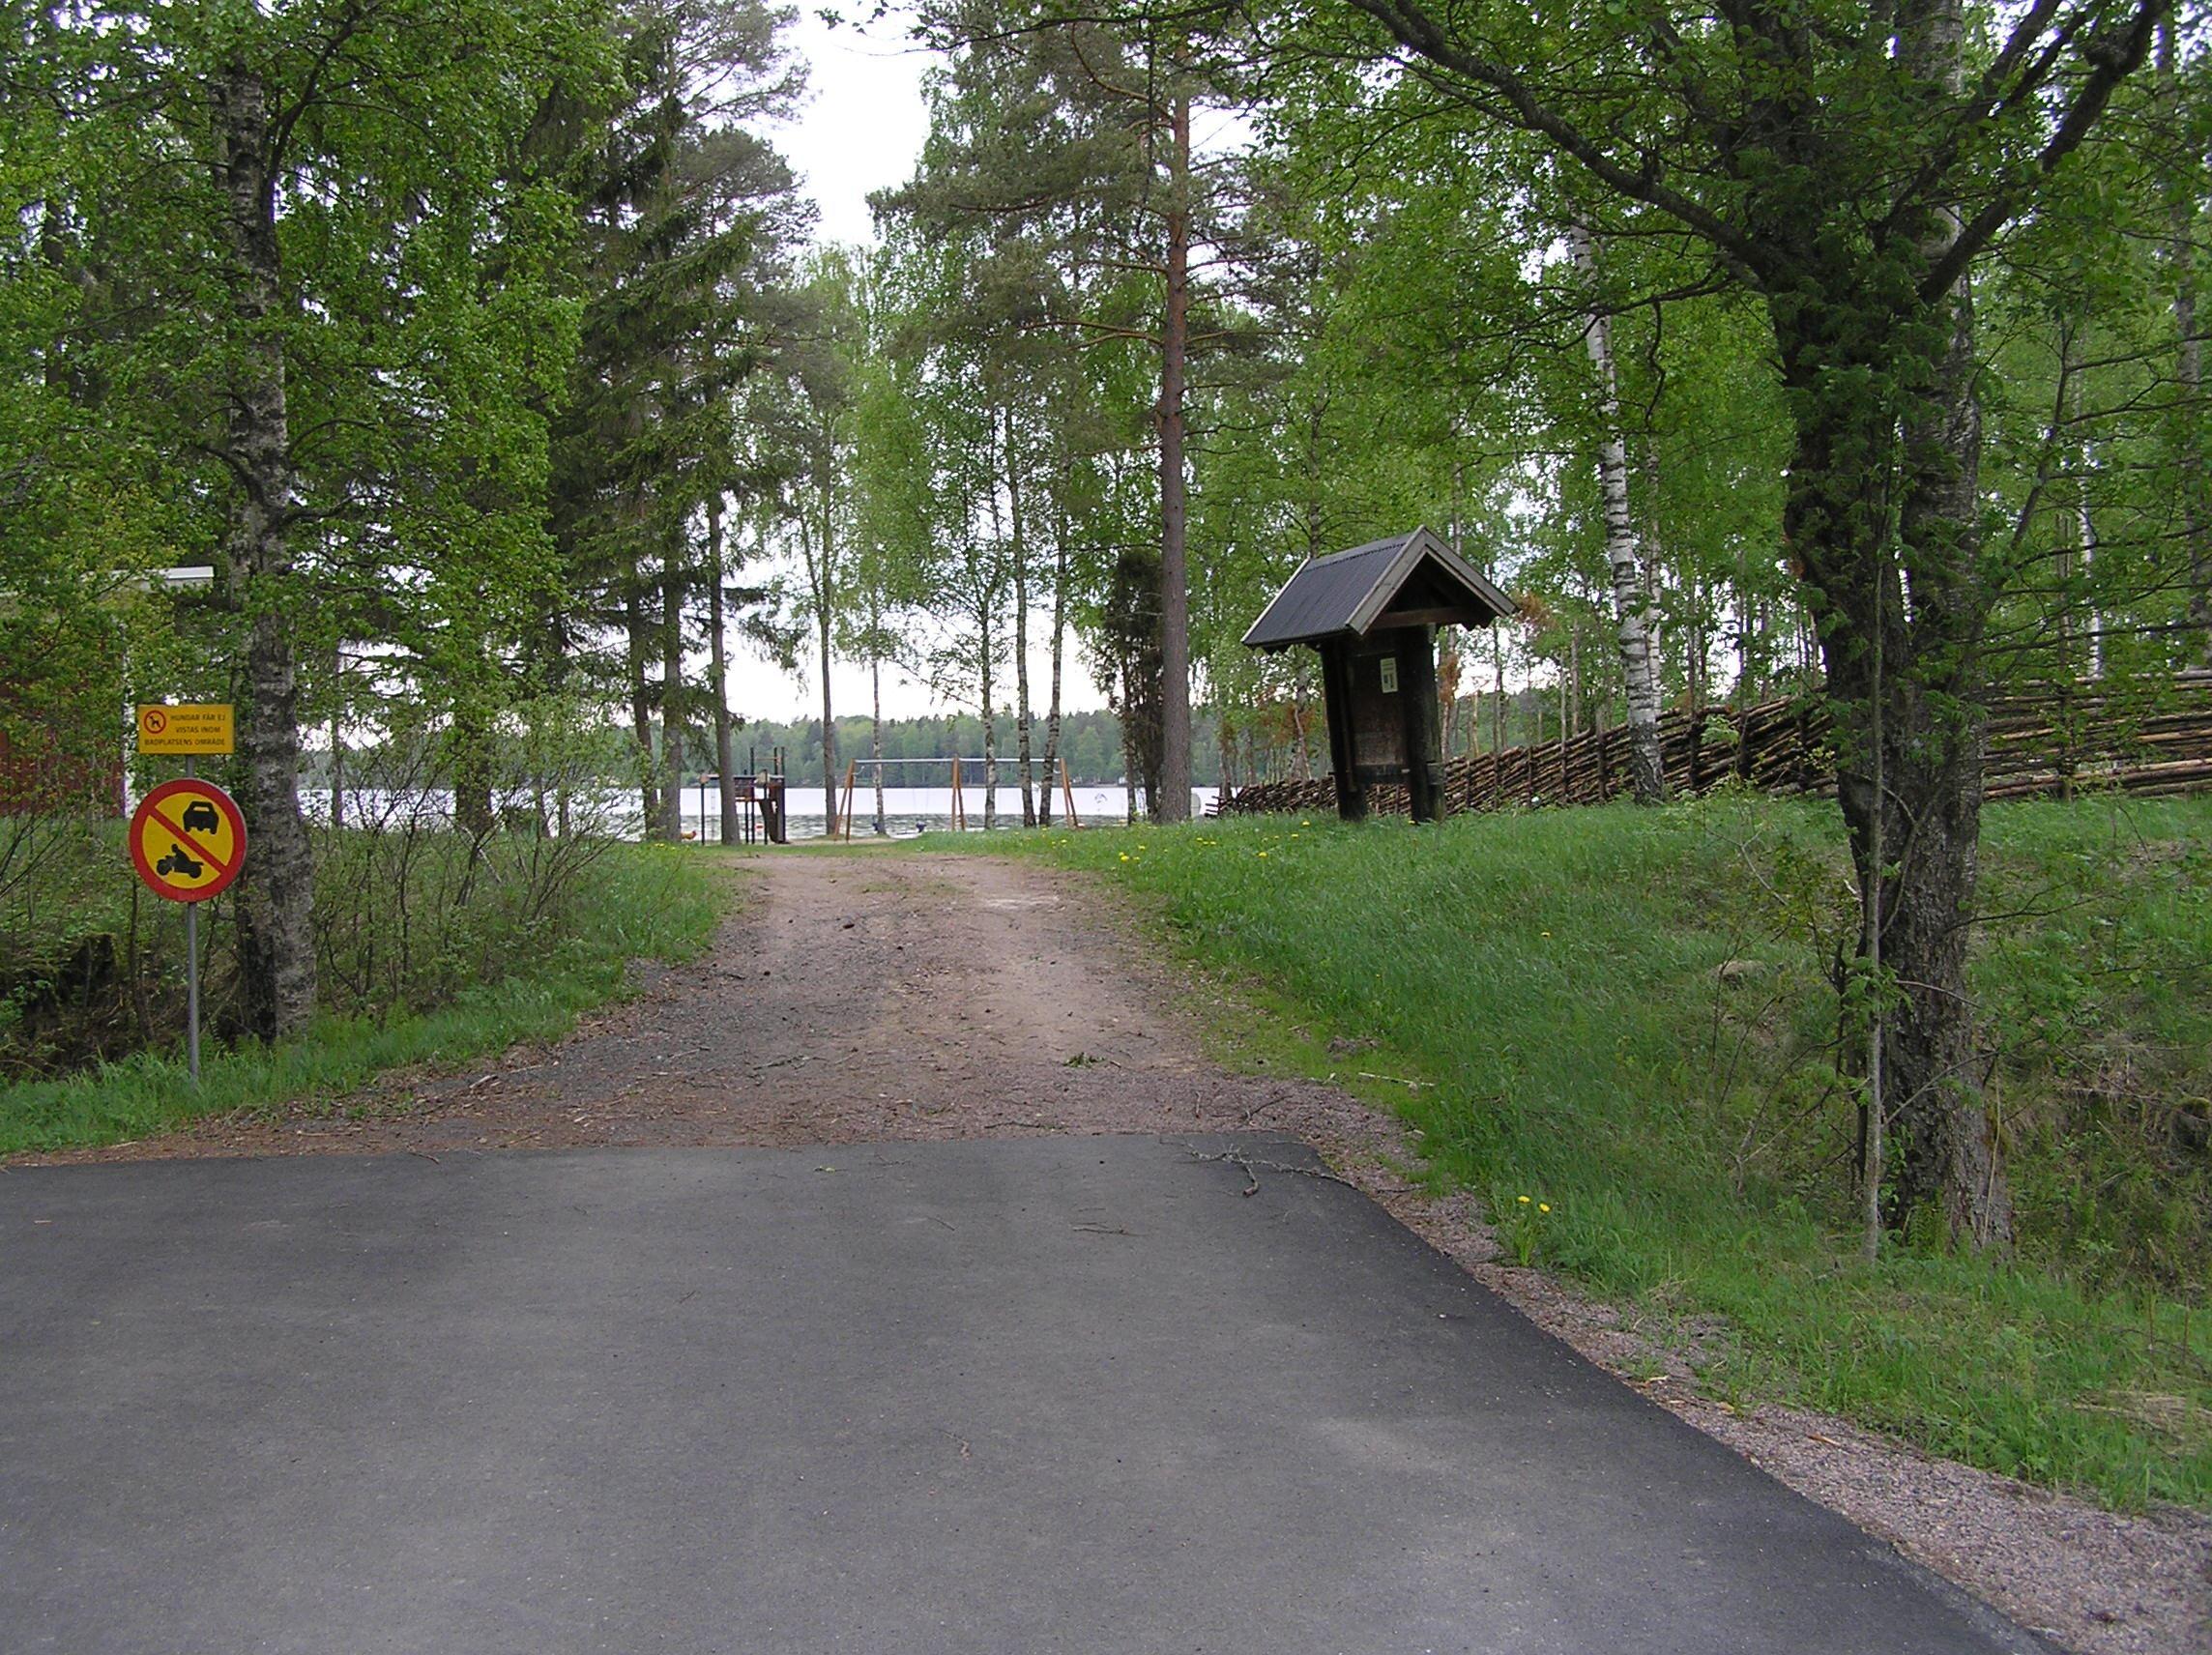 Vaggeryds kommun, Badplatsen från parkeringen